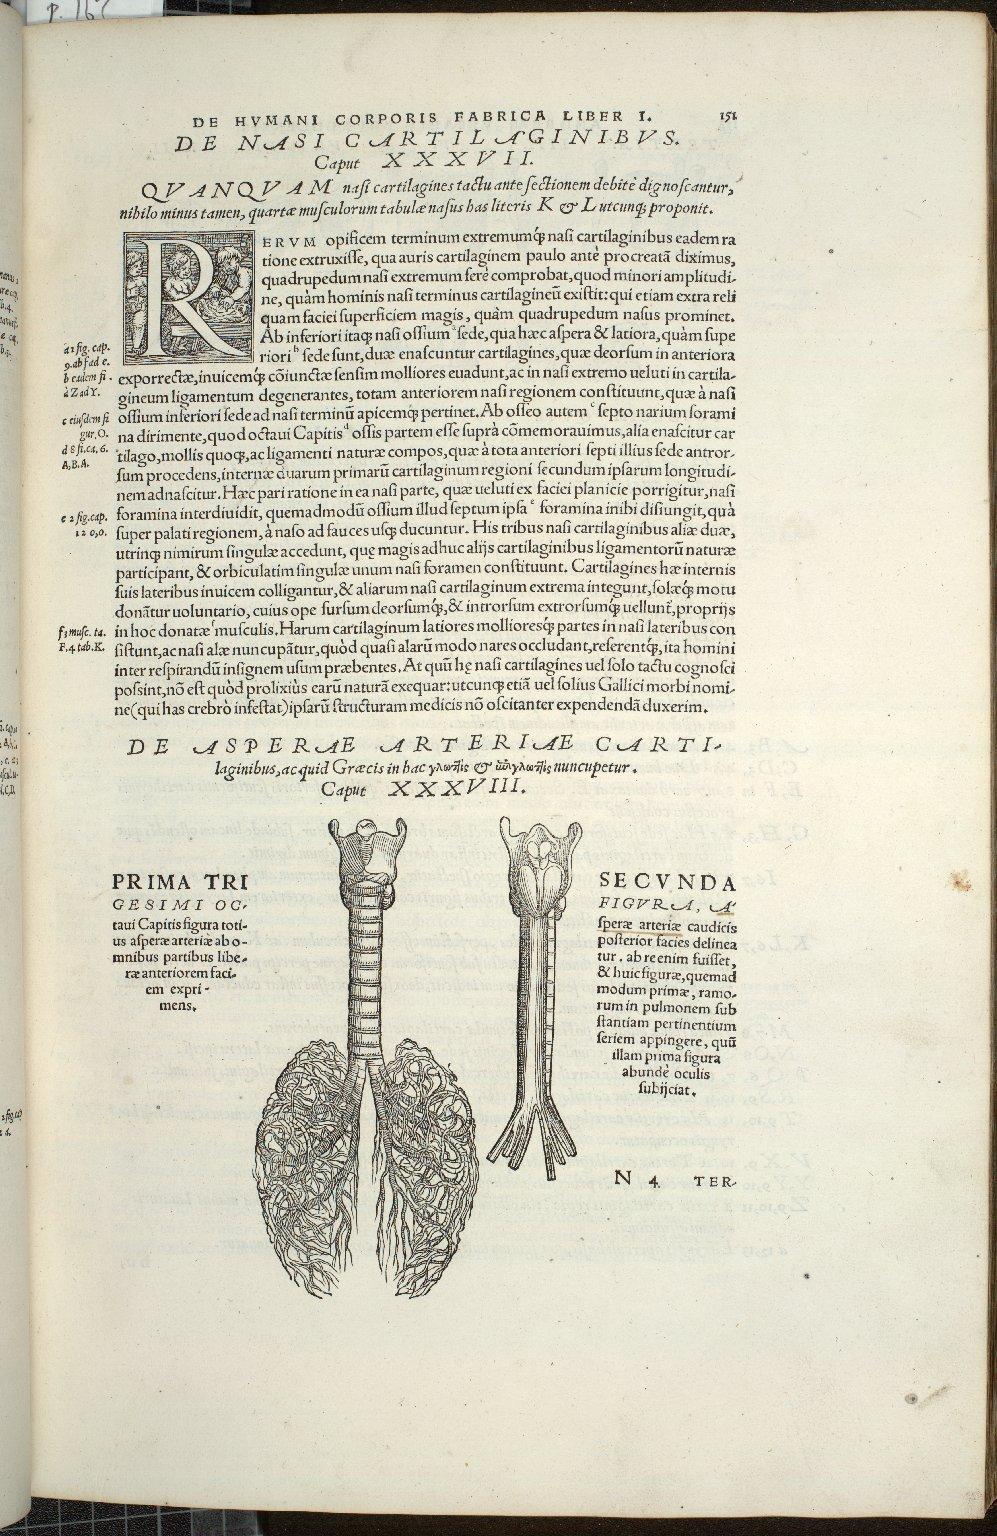 De Asperae Arteriae Carti-laginibus, acquid Graecis in hac.. nuncupetur. Caput XXXVIII. Fig.I-II